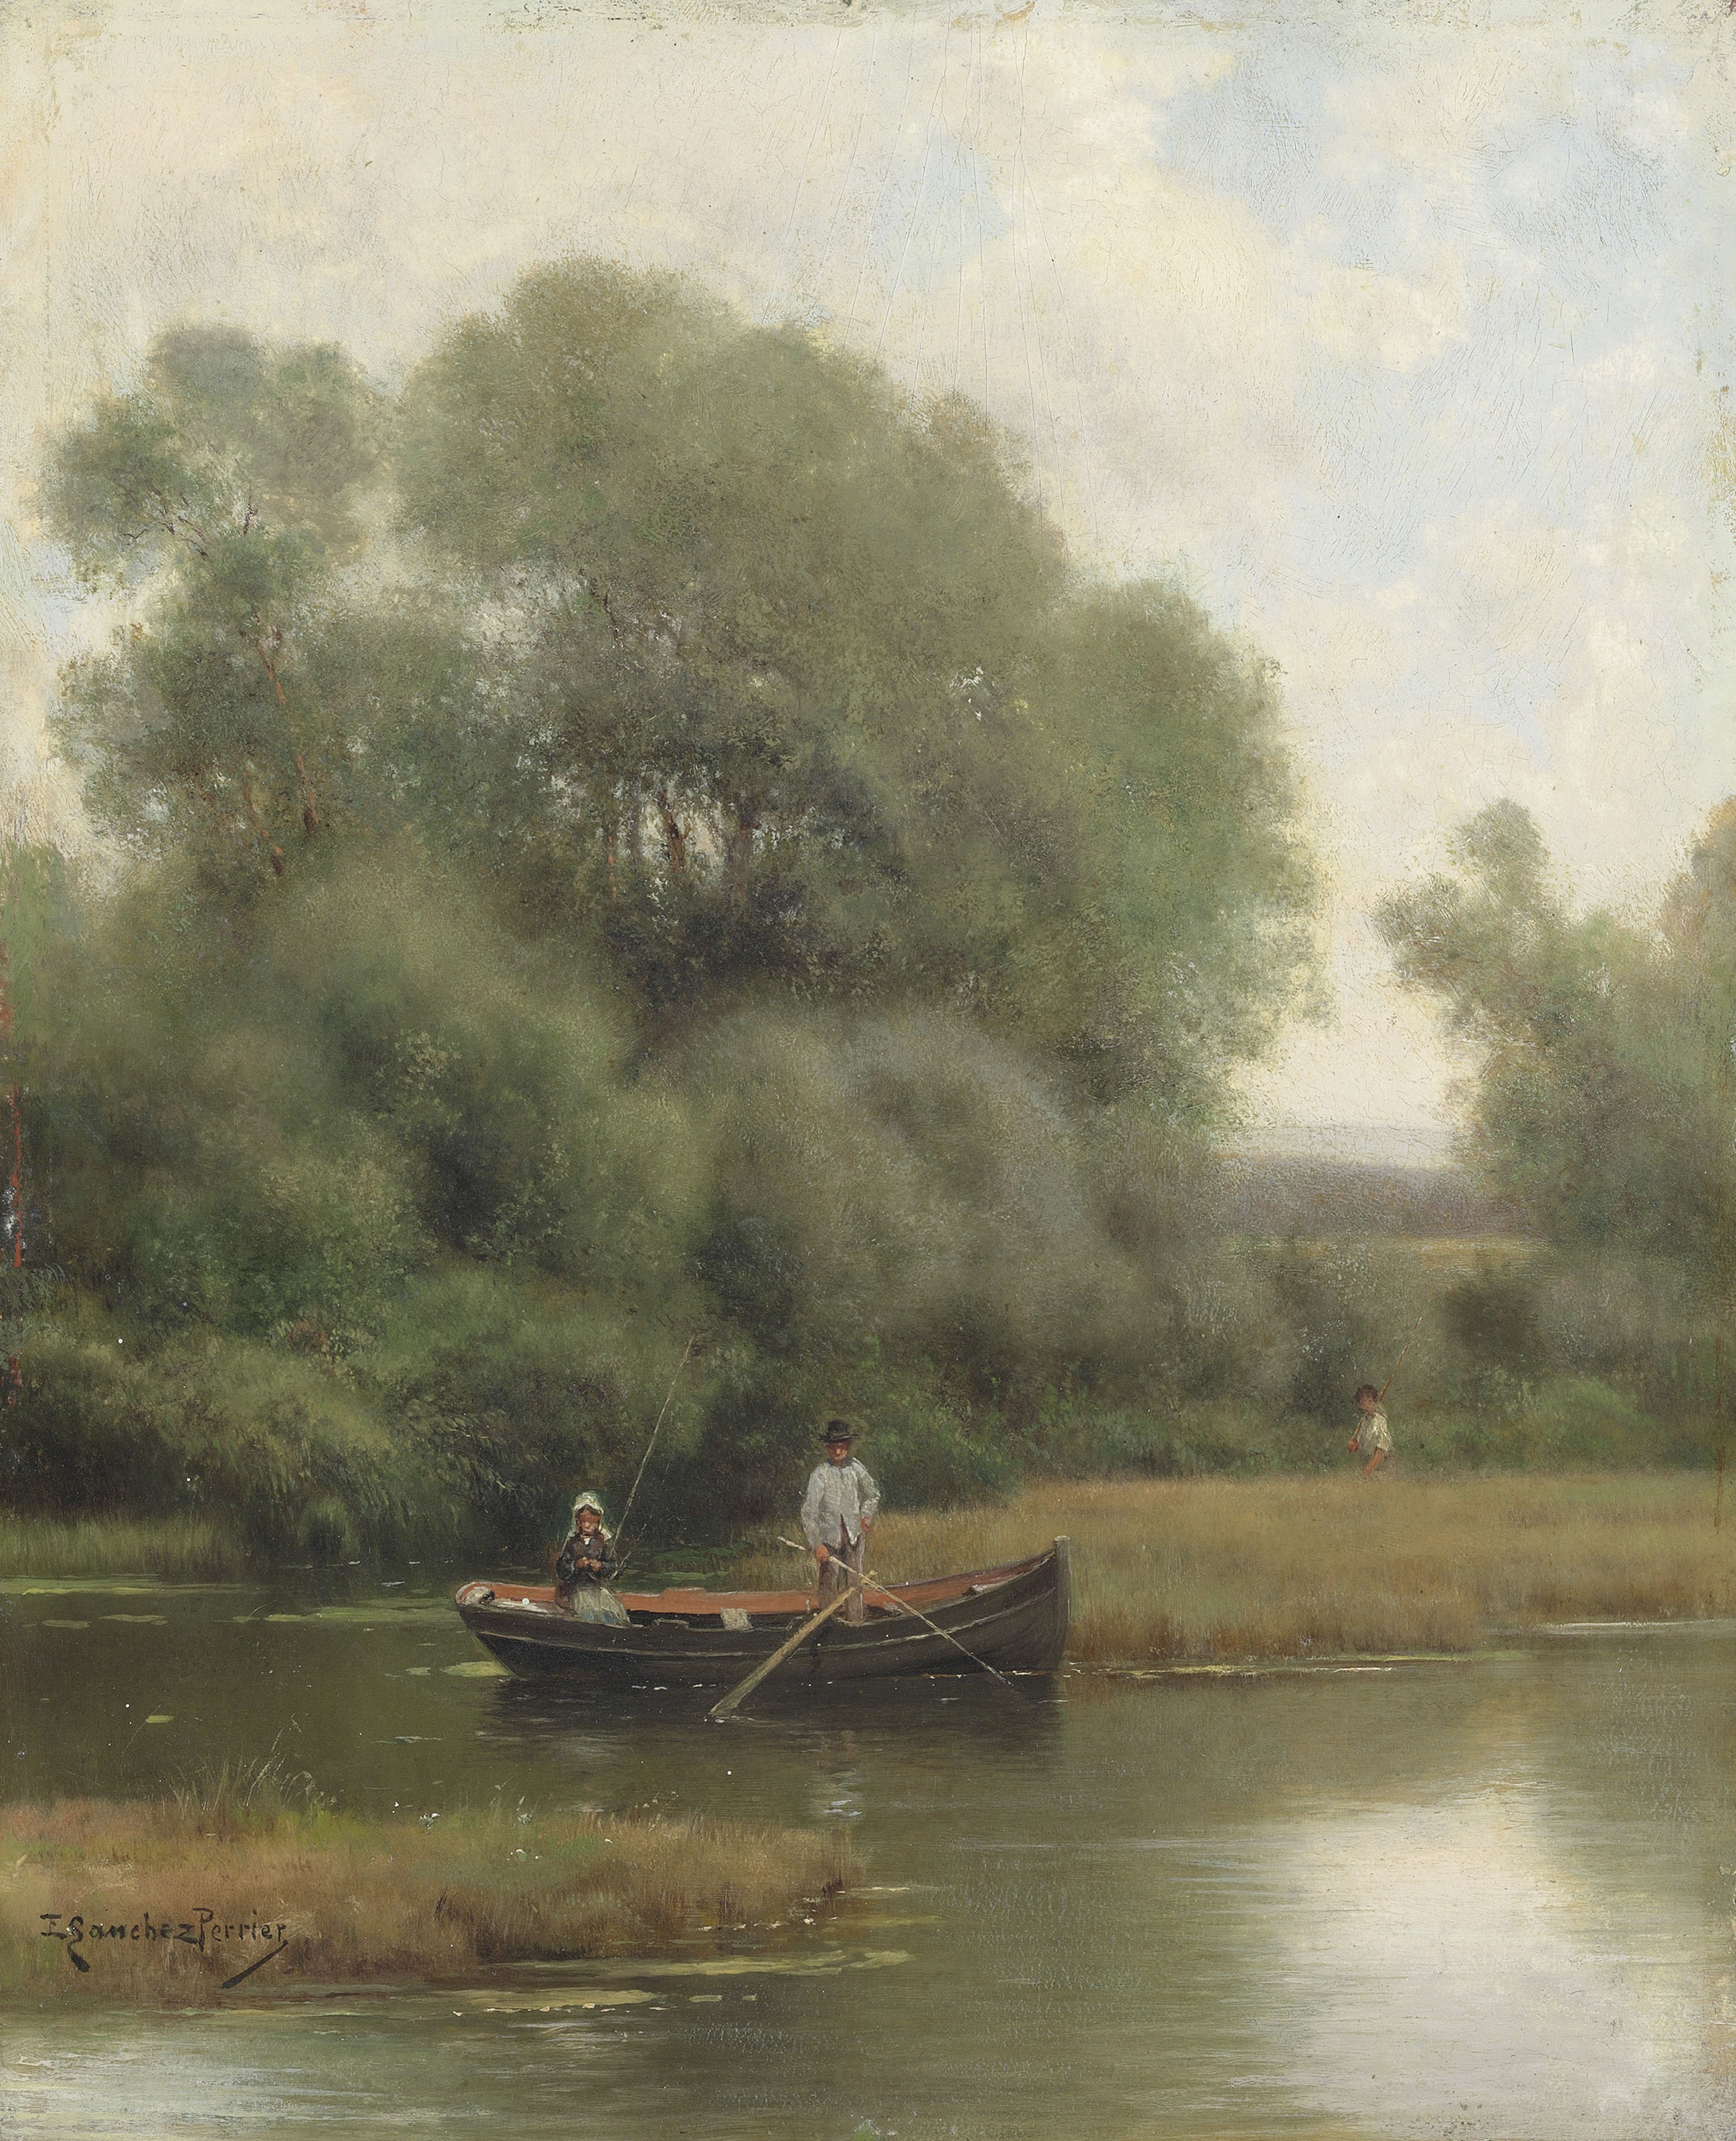 Emilio Sánchez Perrier (Spanish, 1855-1907)